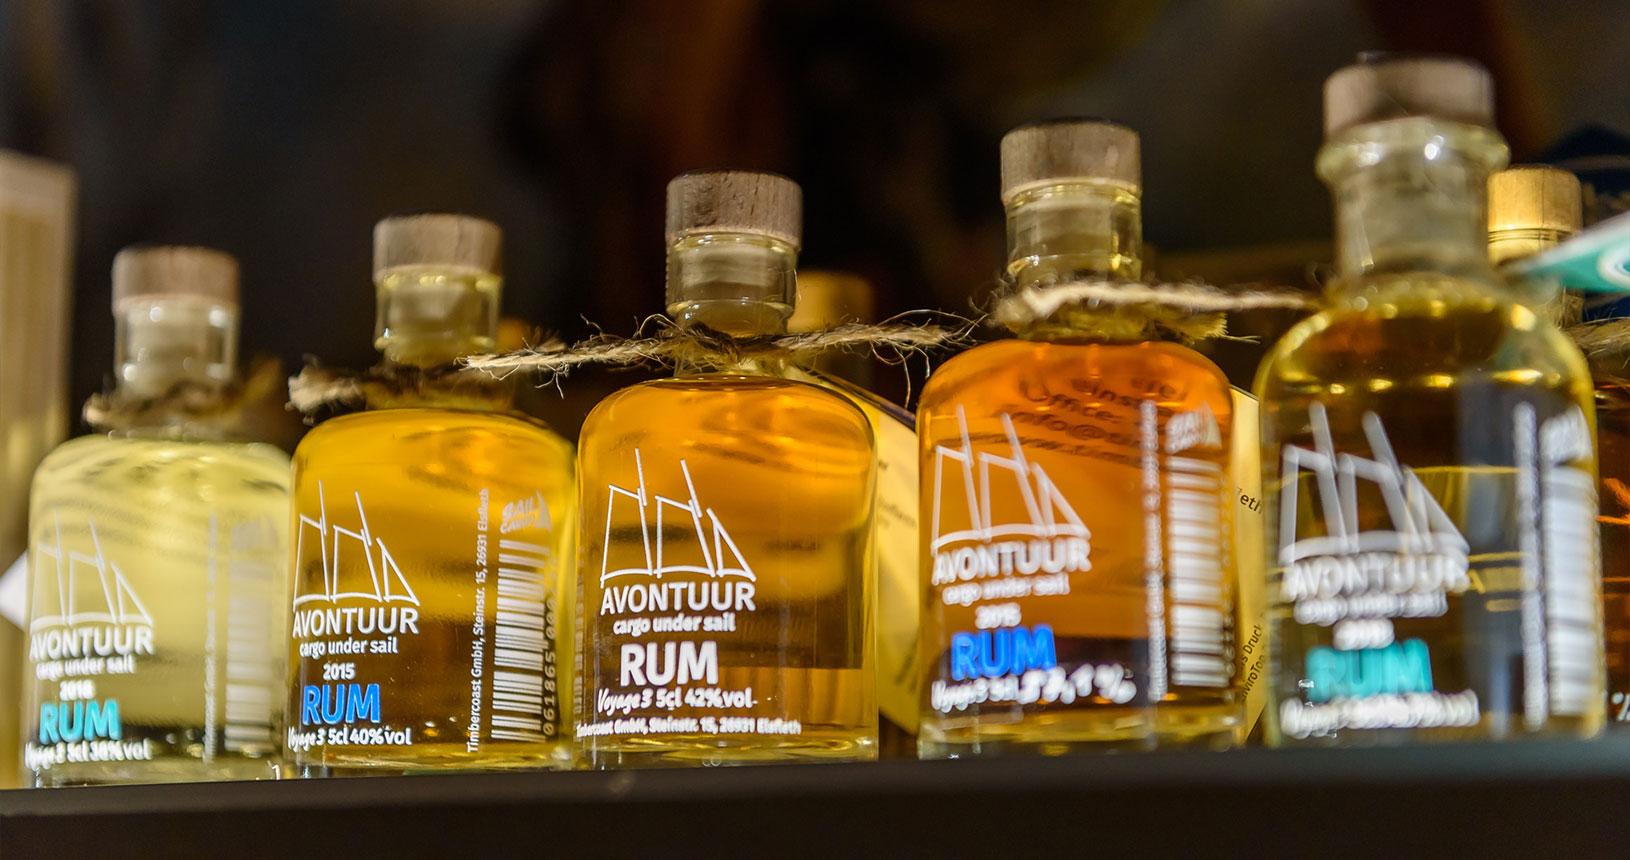 Avontuur Rum Timbercoast Bottle Market Bremen